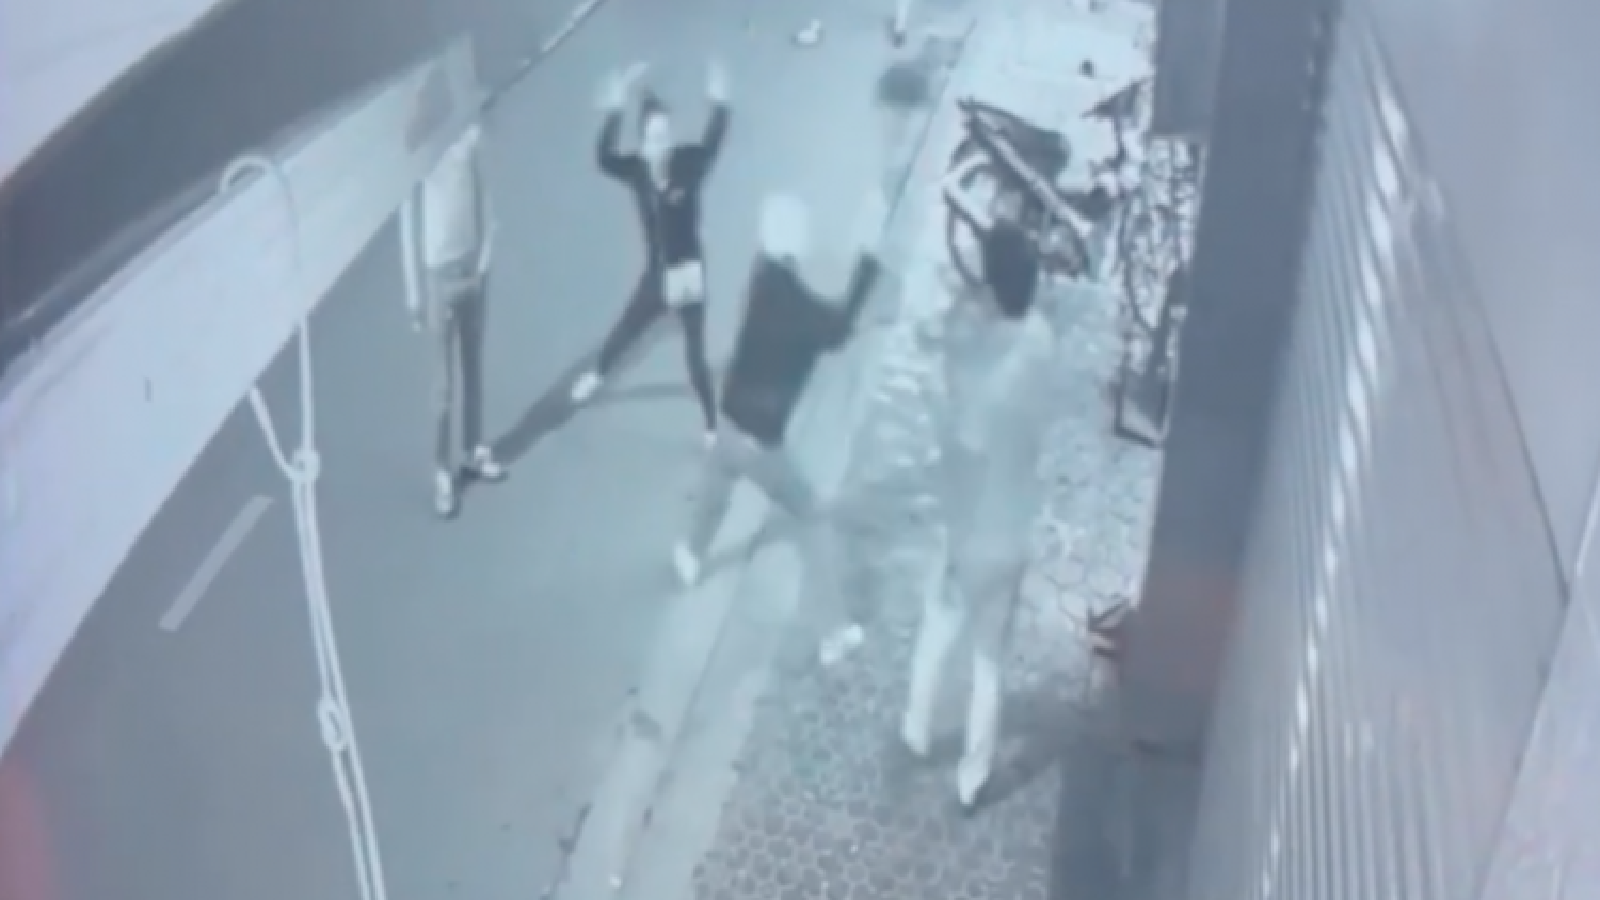 Nam thanh niên cầm xẻng đánh một phụ nữ sau va chạm giao thông